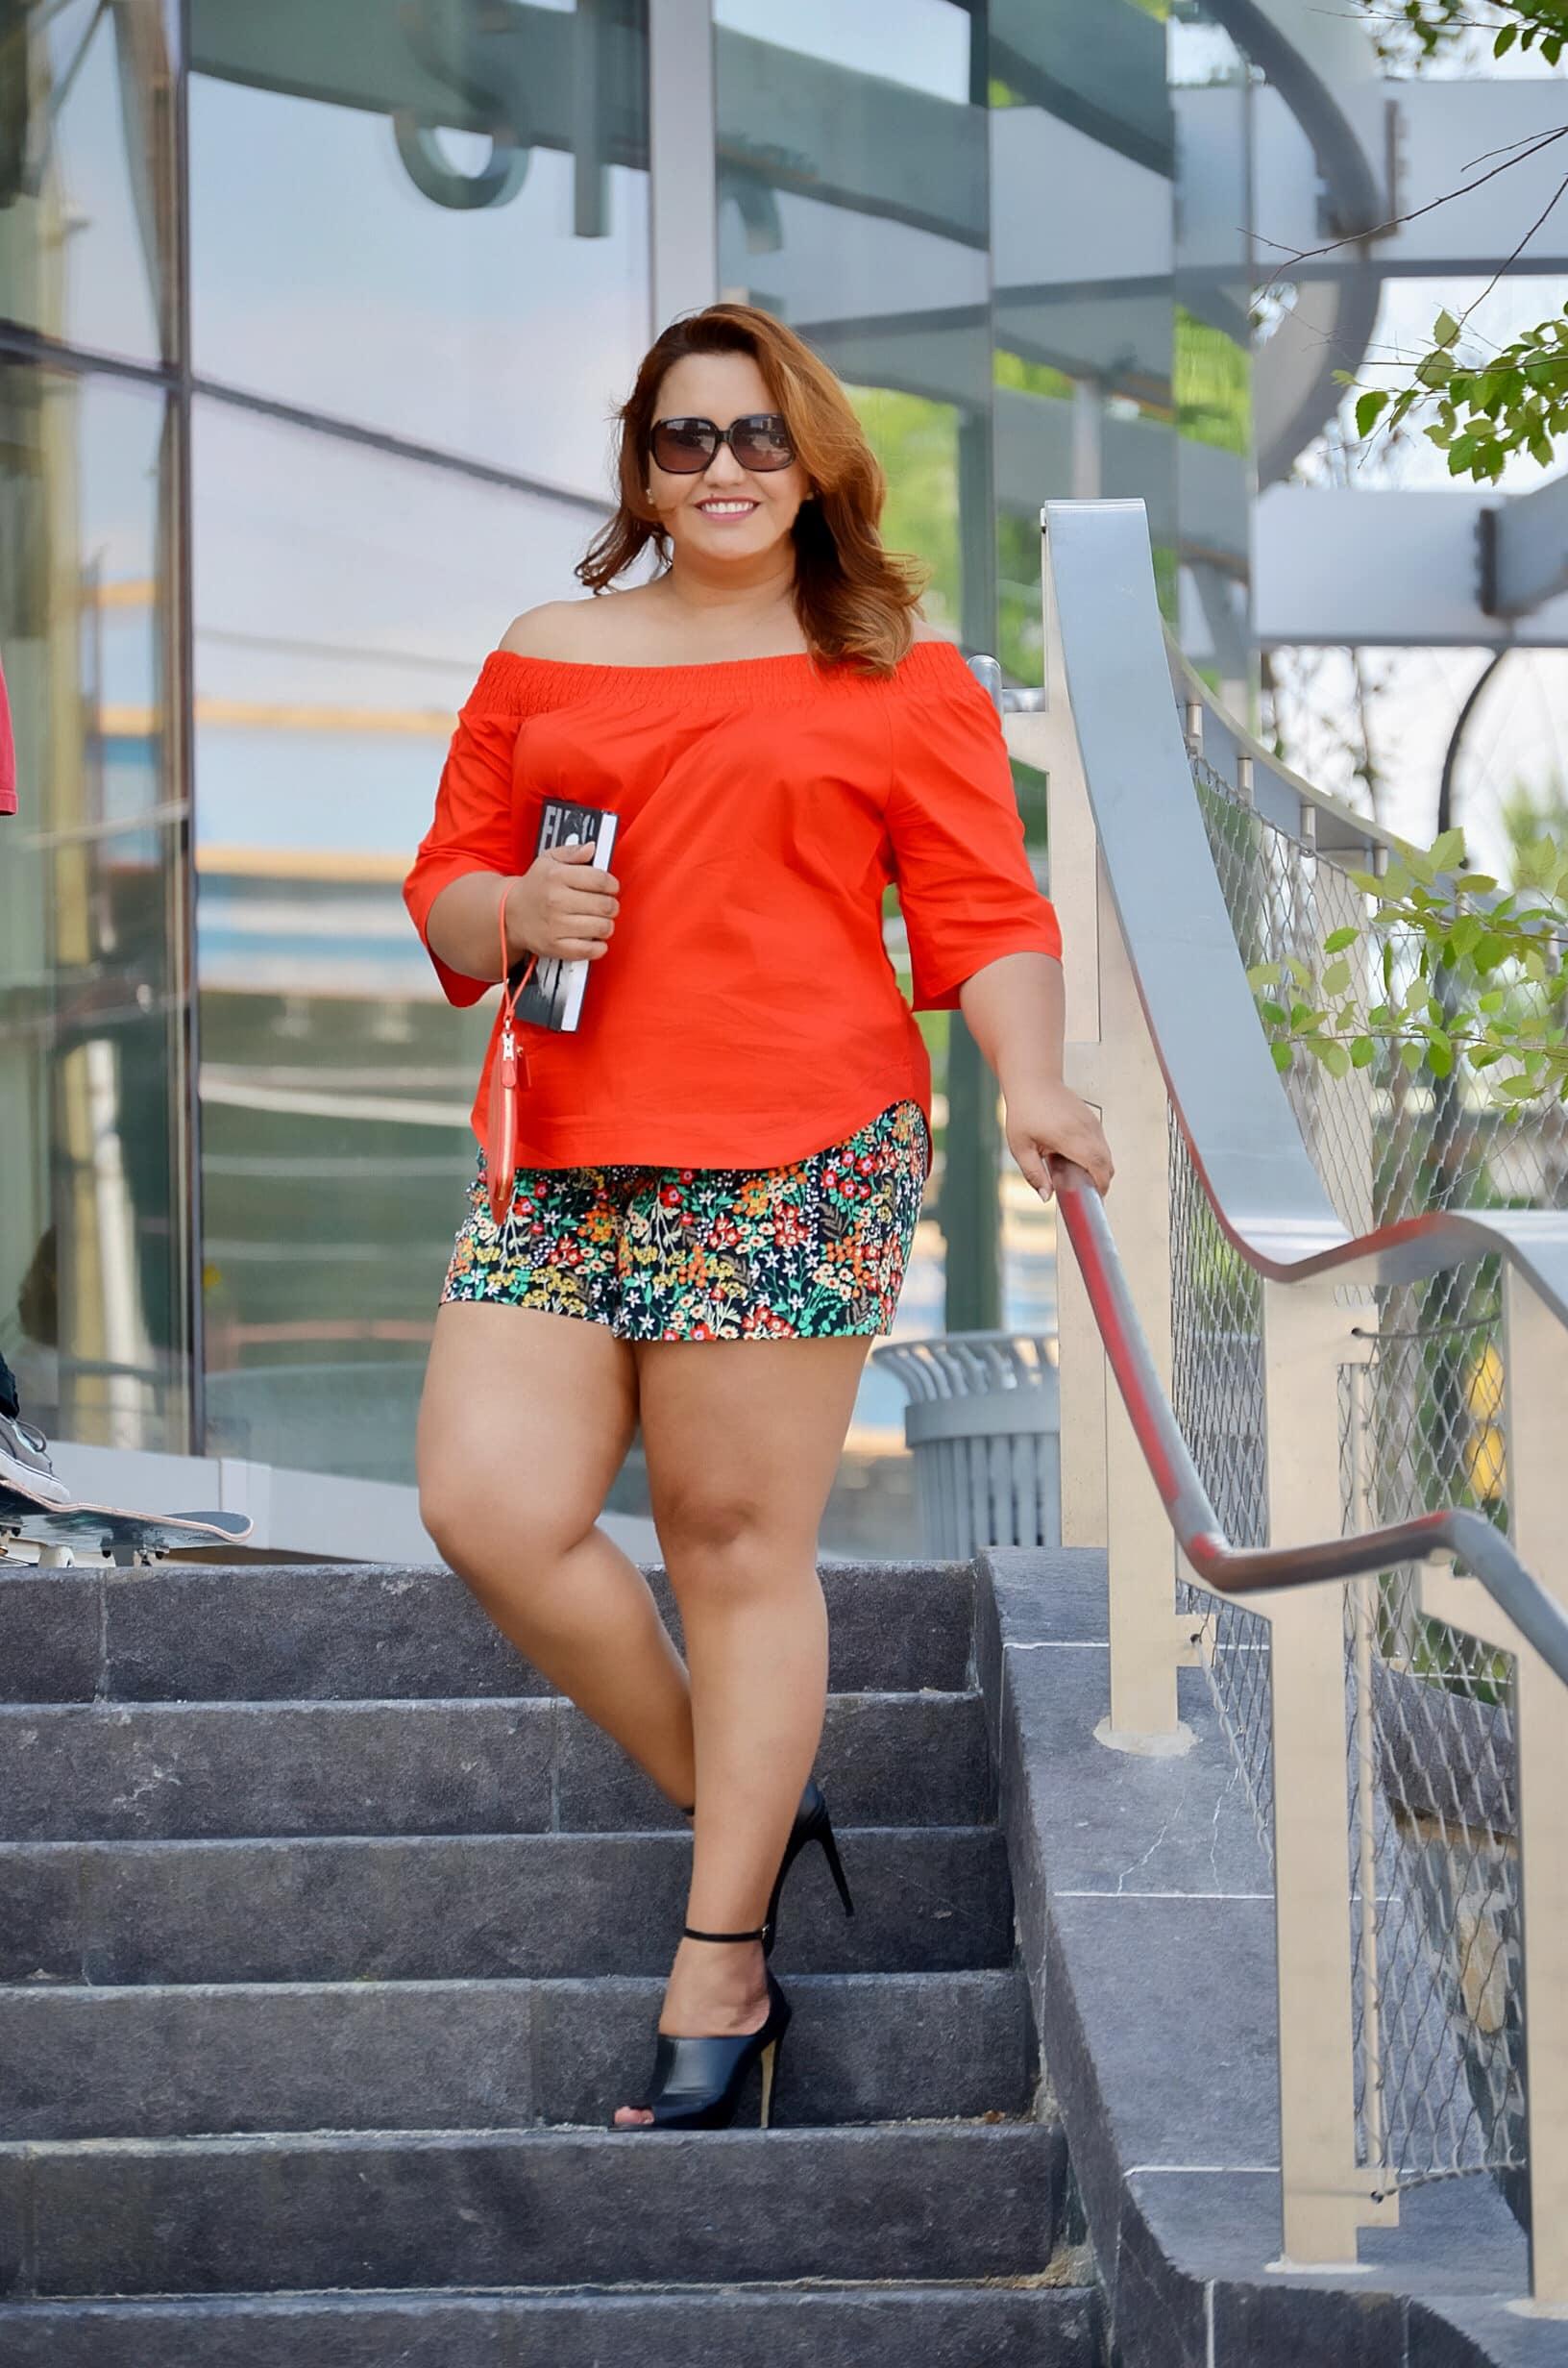 floral-shorts-orange-off-sholders-top